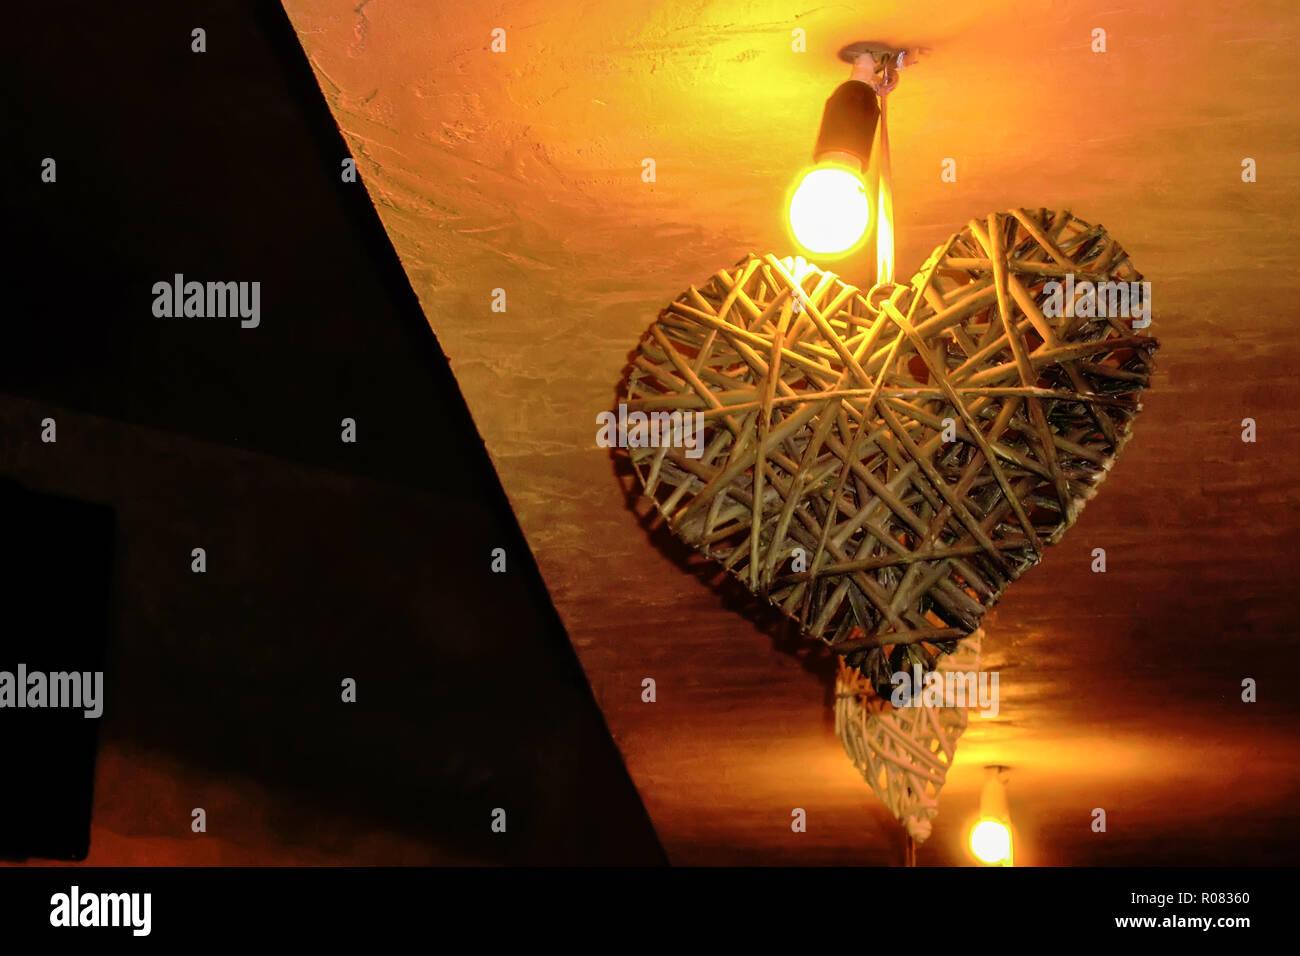 Lampade Attaccate Al Soffitto la decorazione interna a forma di cuore attaccata al